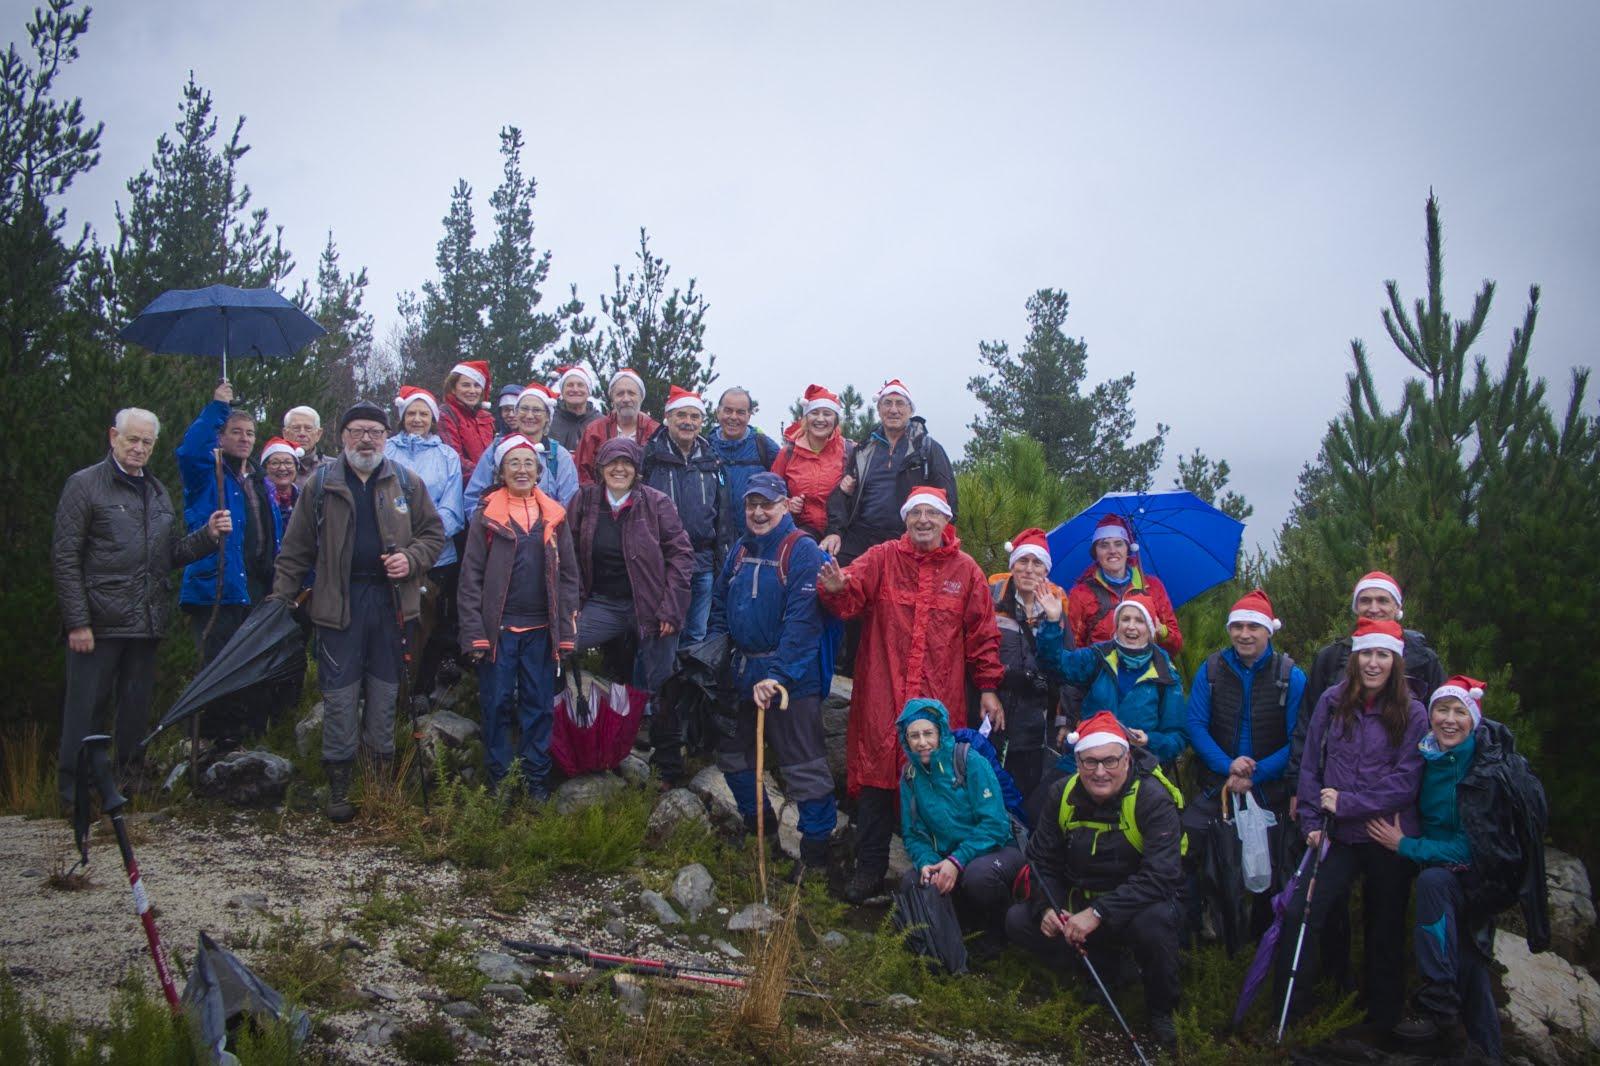 15 diciembre, 2019: La Reigada - Peñaflor (belén de cumbres - foto grupo)